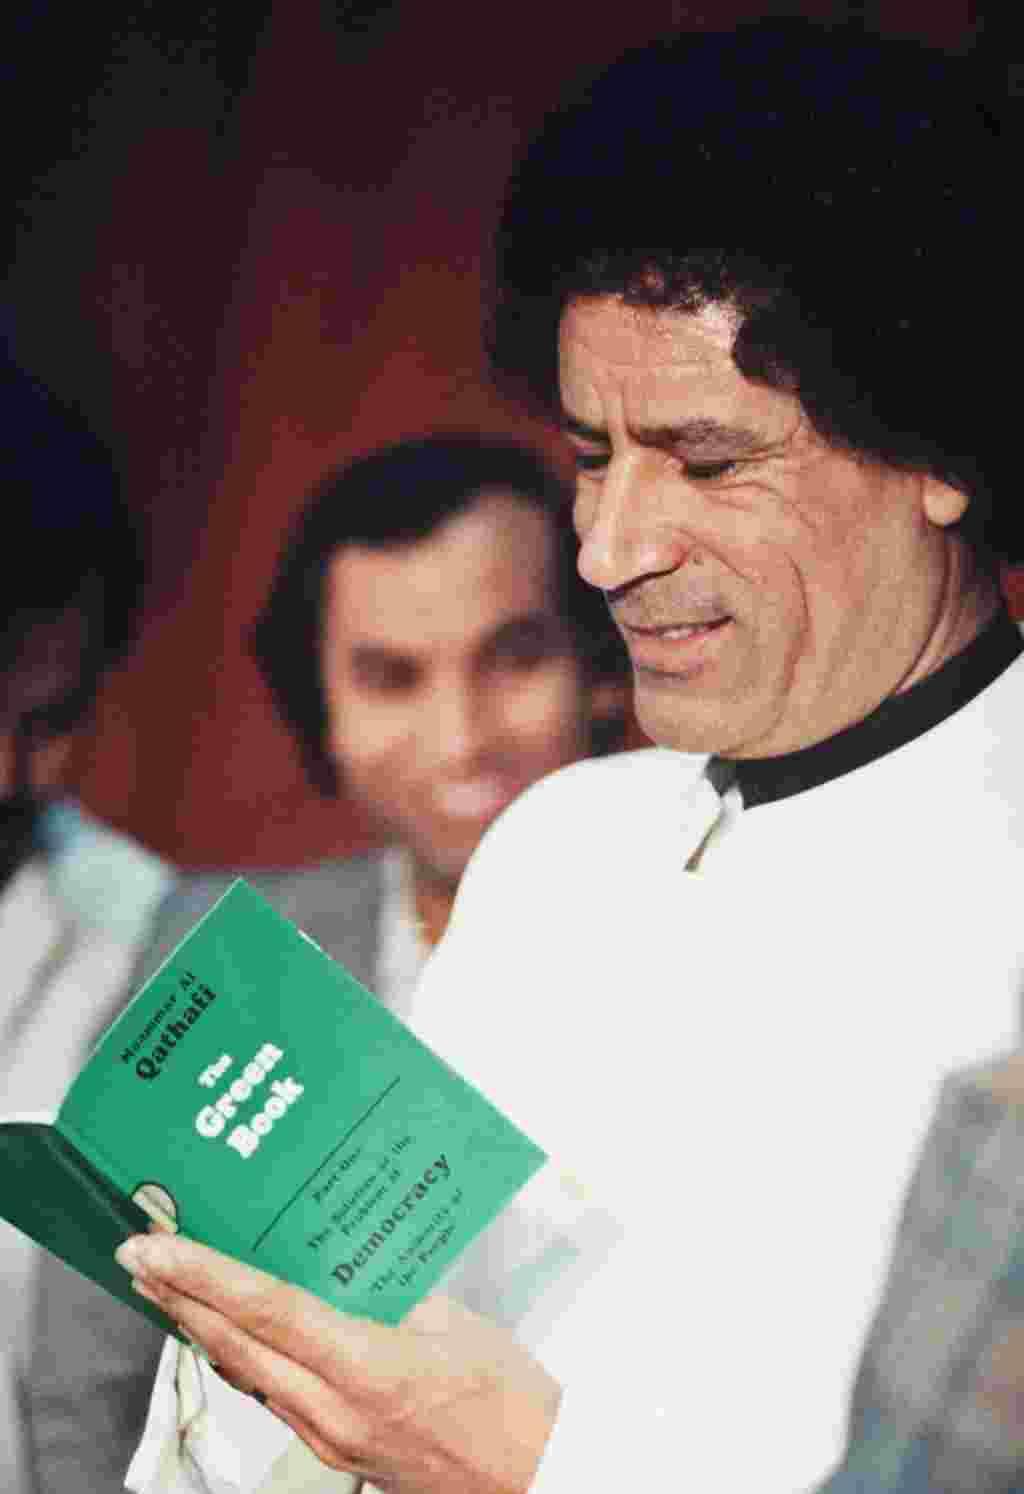 رهبر لیبی بهنگام خواندن کتاب سبز که خود او نوشته است در ۵ ژانویه ۱۹۸۴.